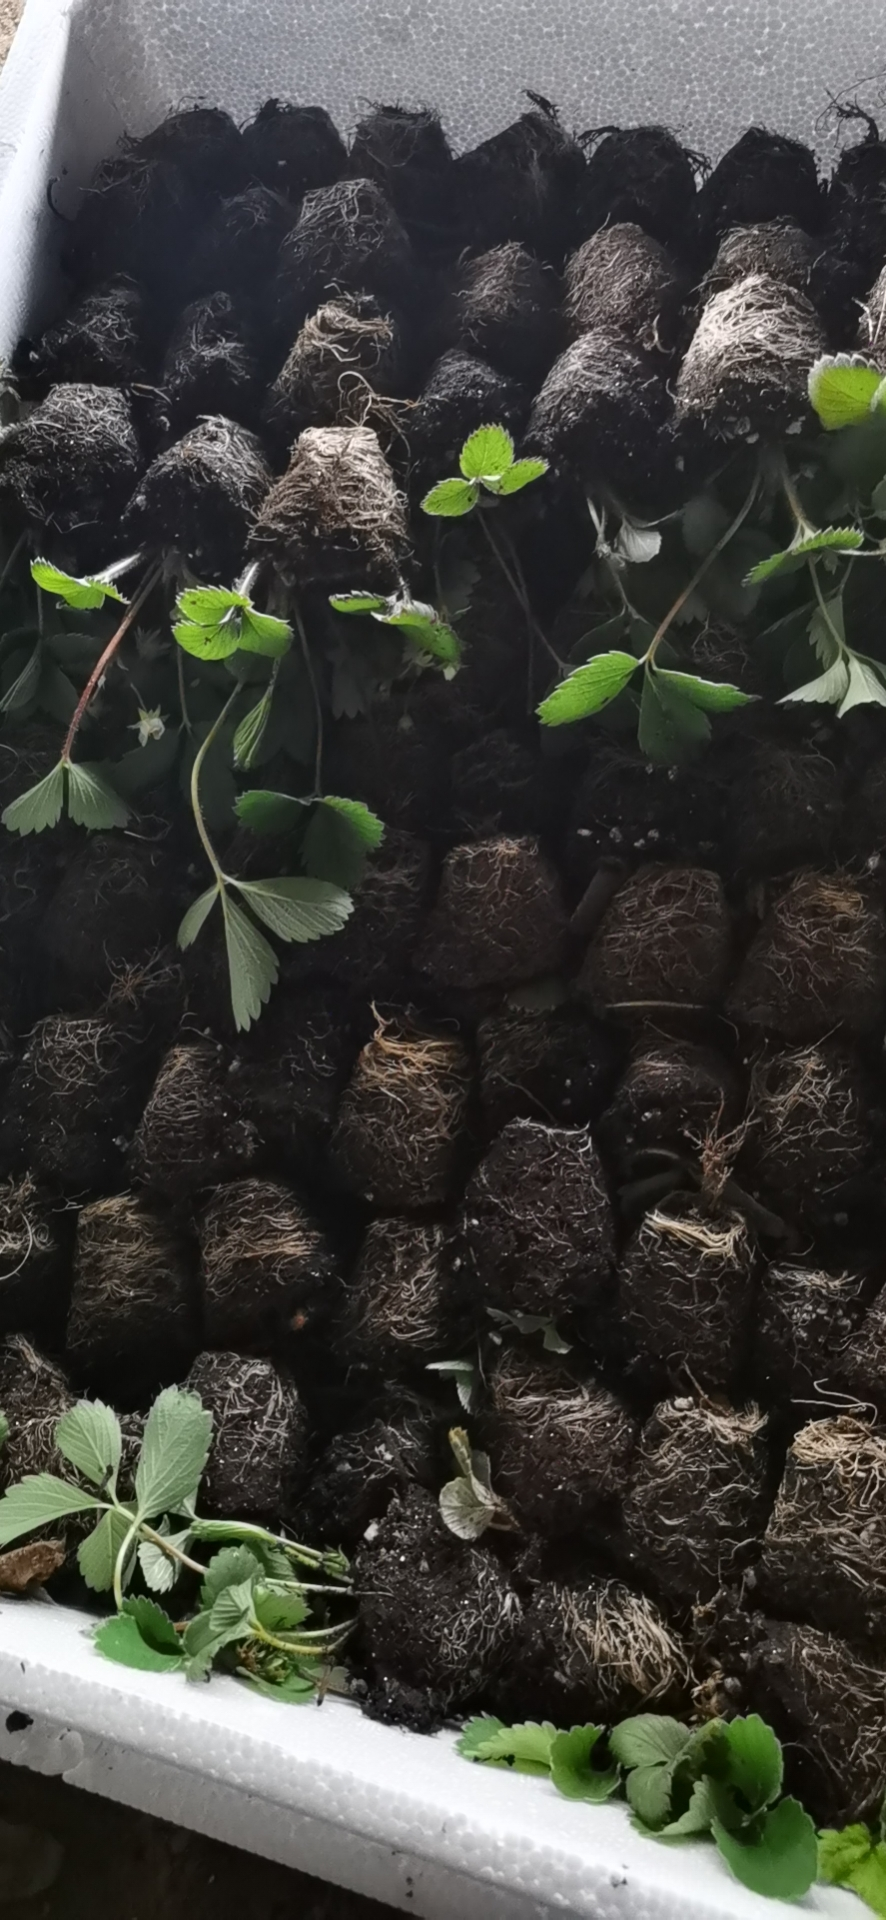 石景山永丽草莓苗现在价格